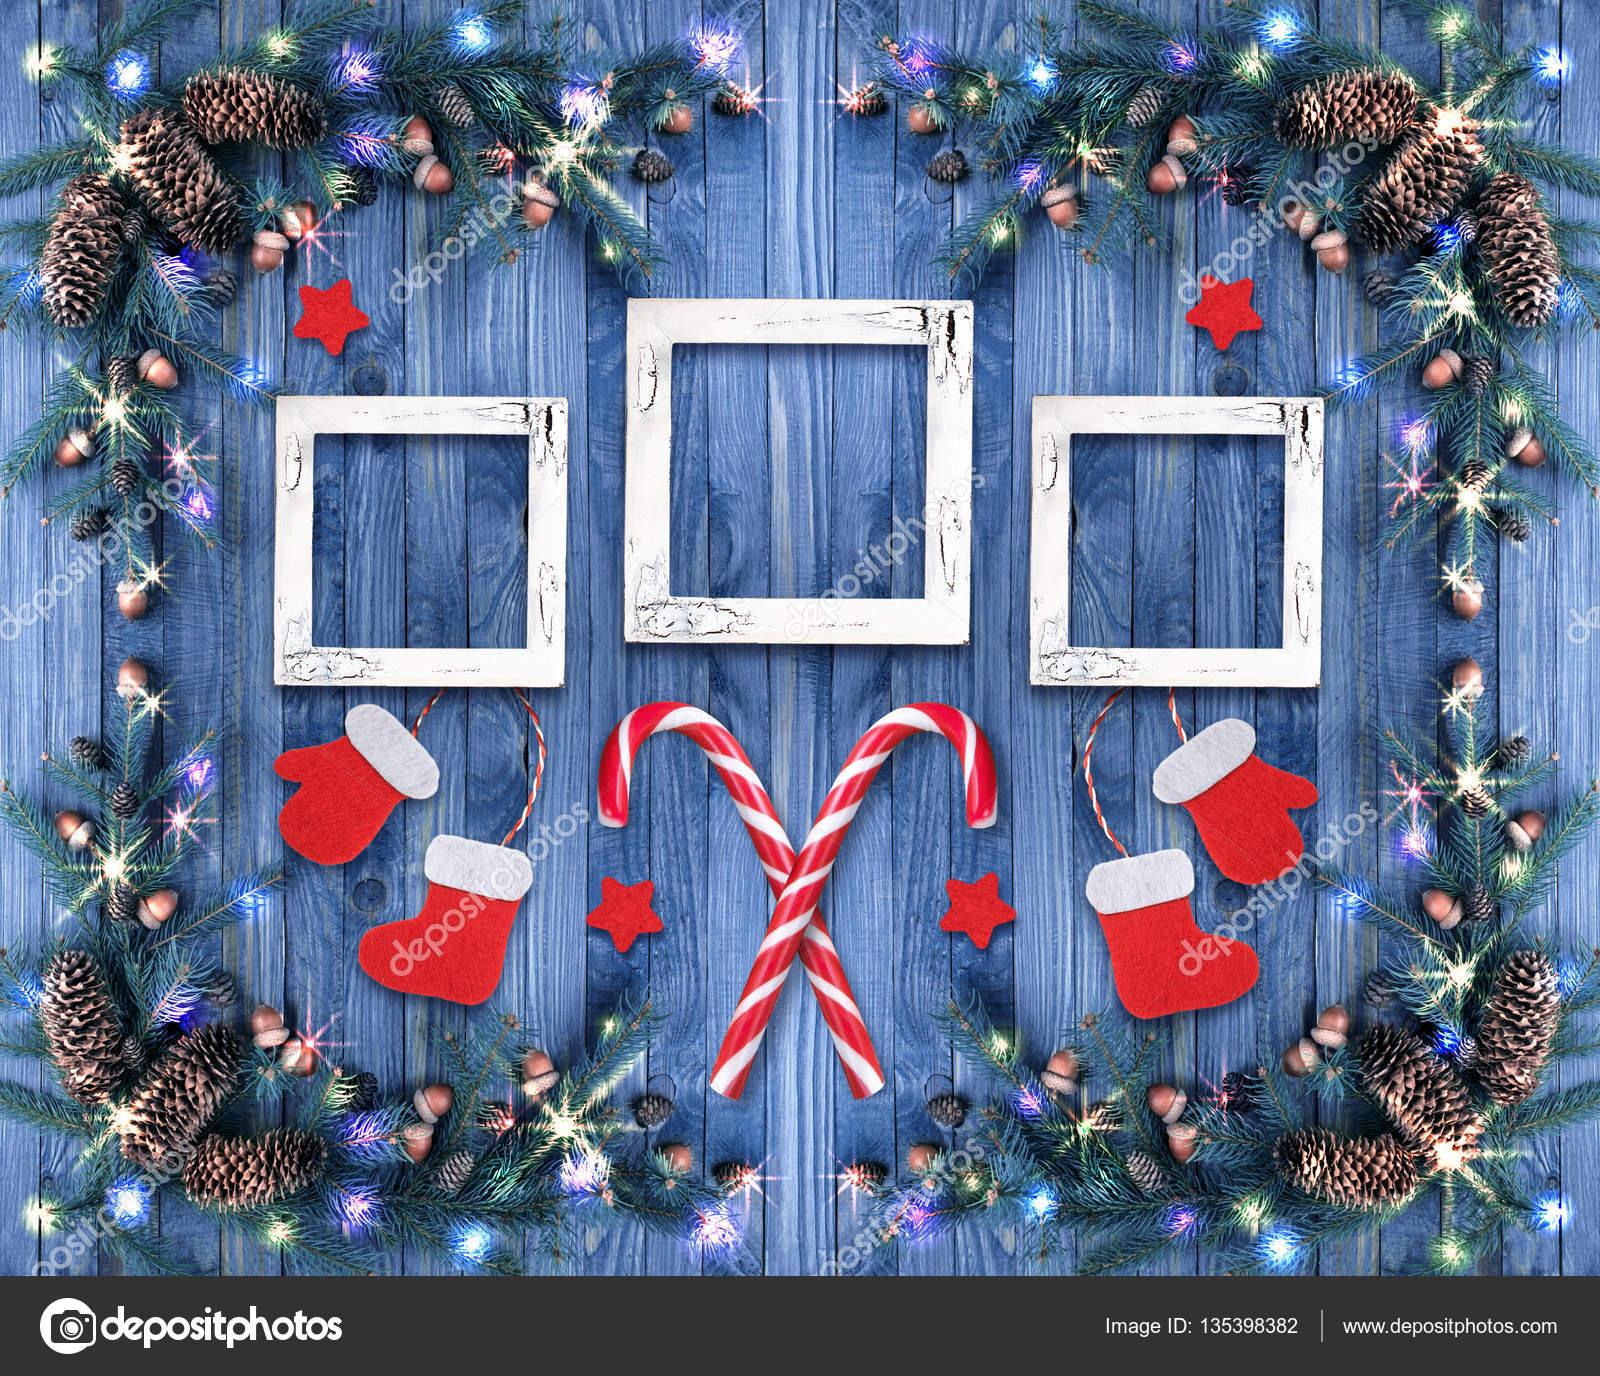 Weihnachten Fotorahmen.Weihnachten Hintergrund Mit Fotorahmen Stockfoto Julia Arda